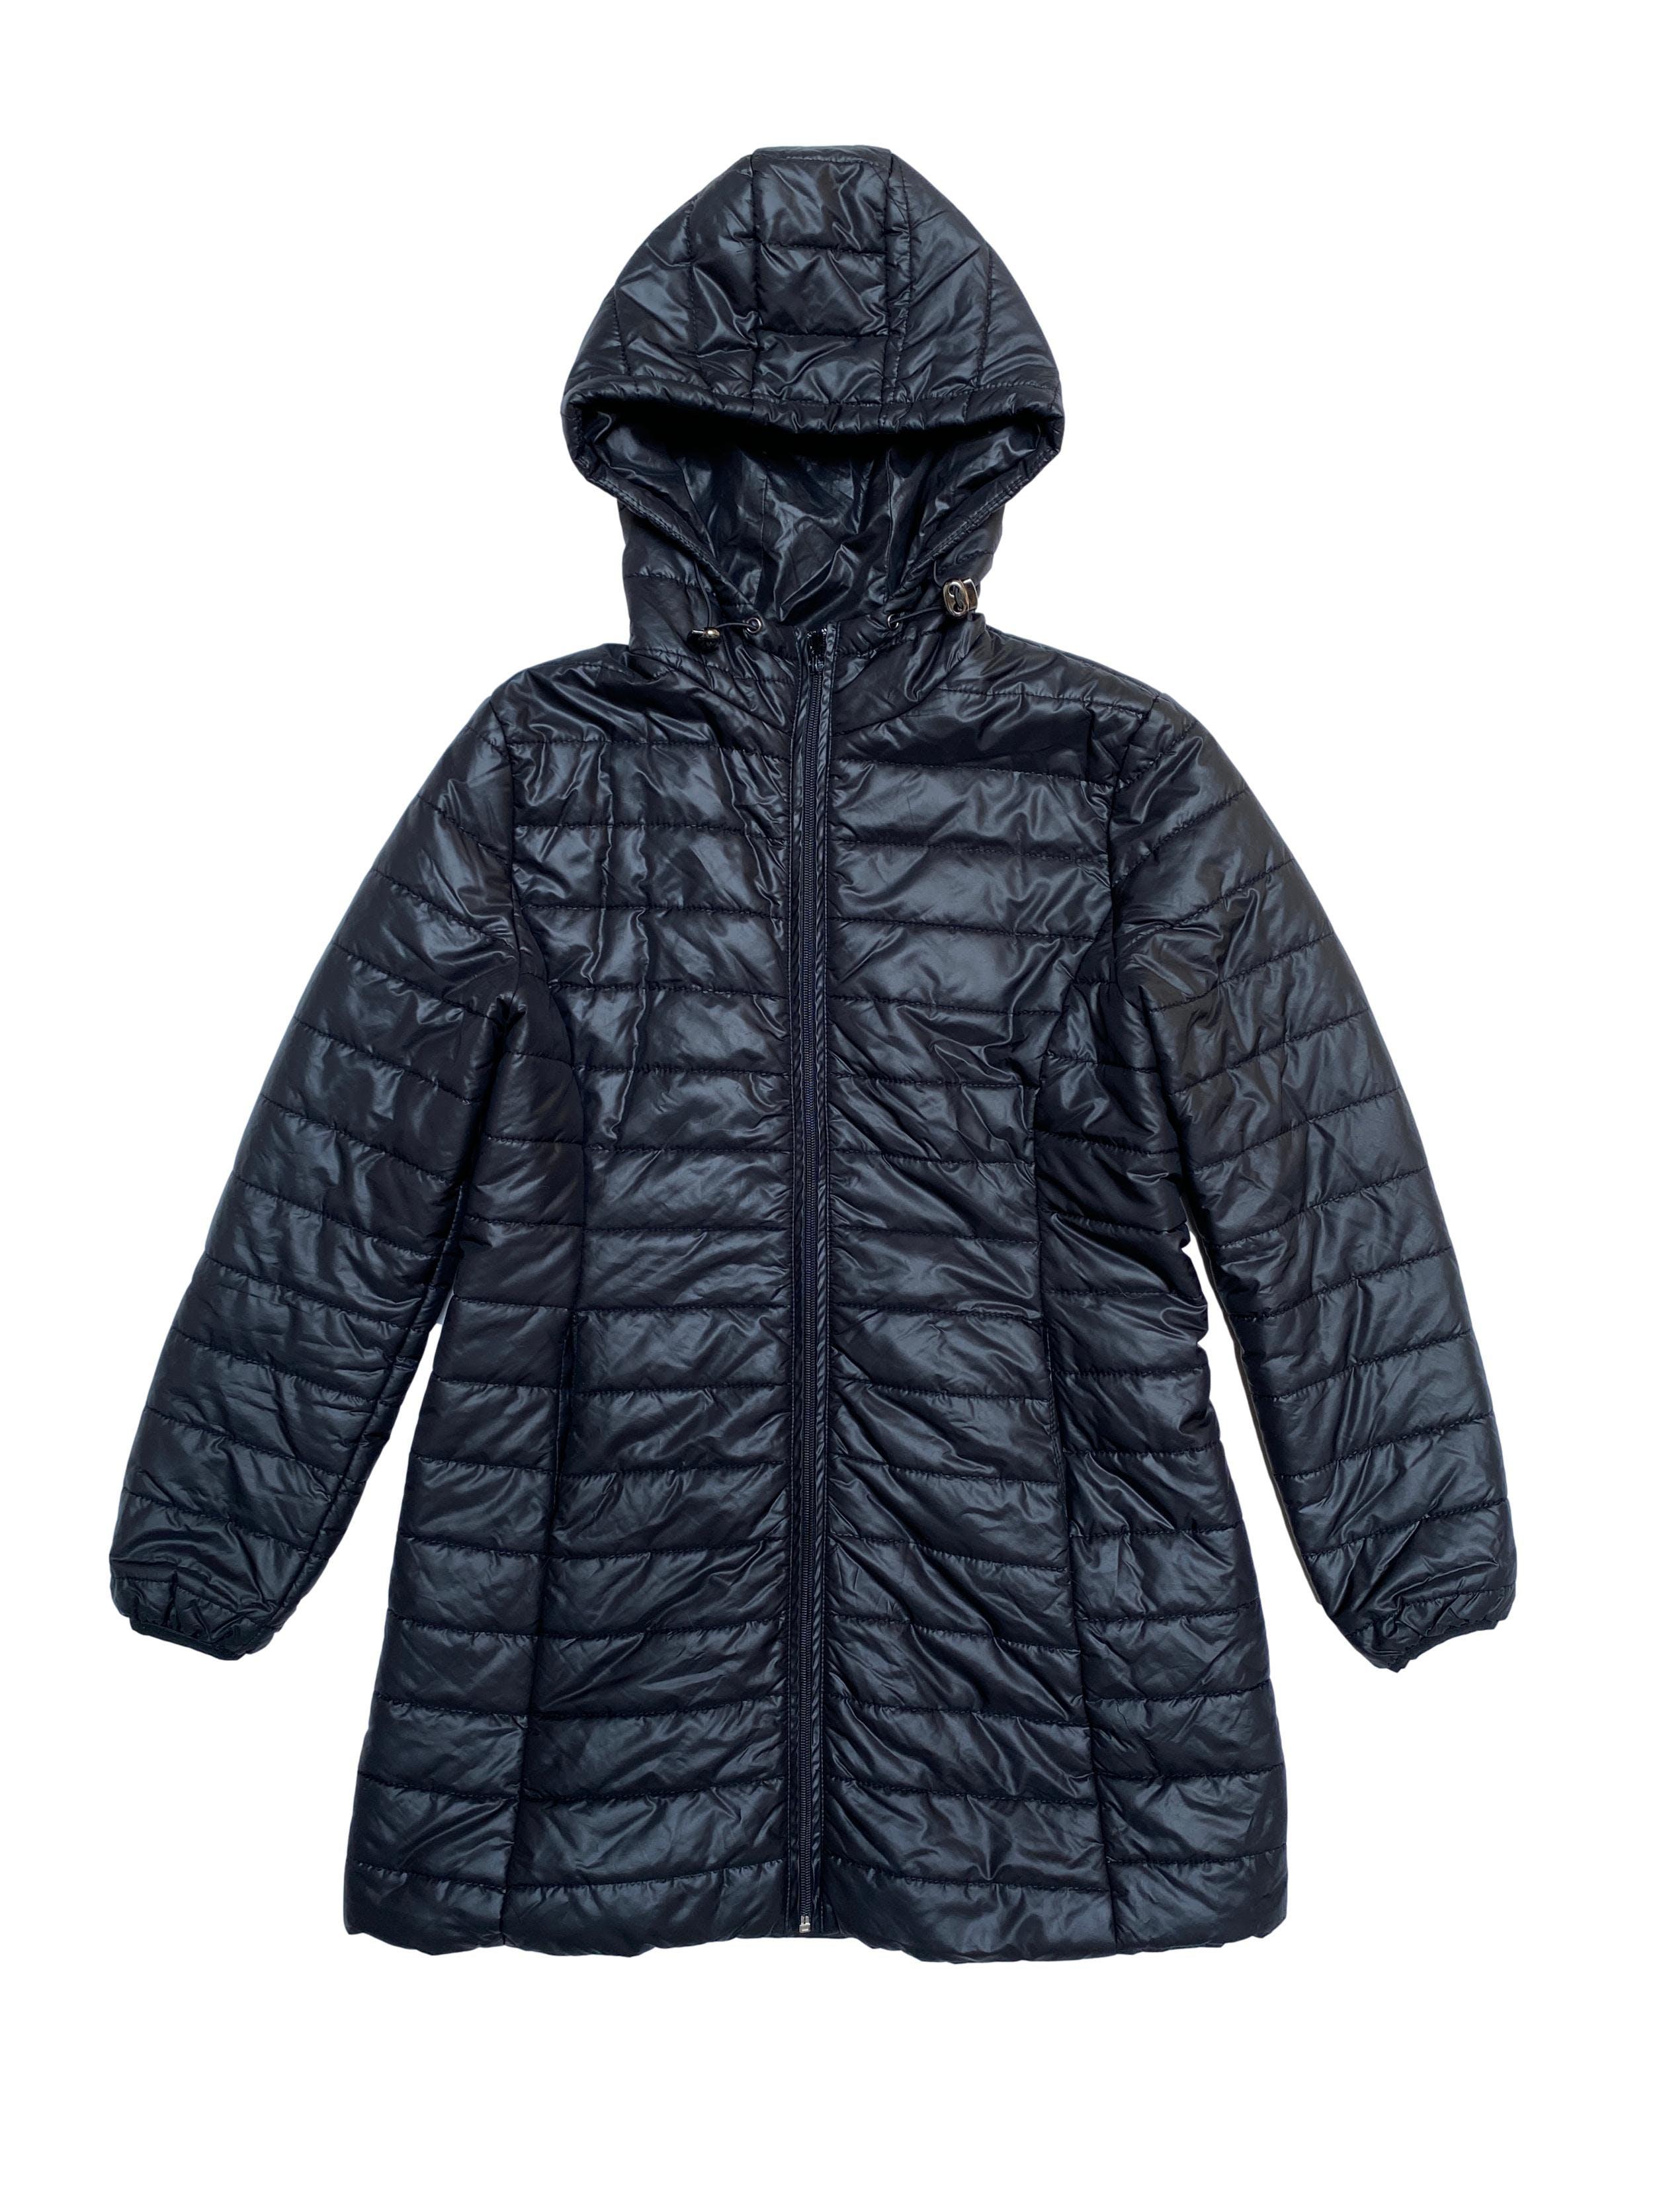 Casaca acolchada negra, forrada, con capucha, cierre y bolsillos. Largo 78cm